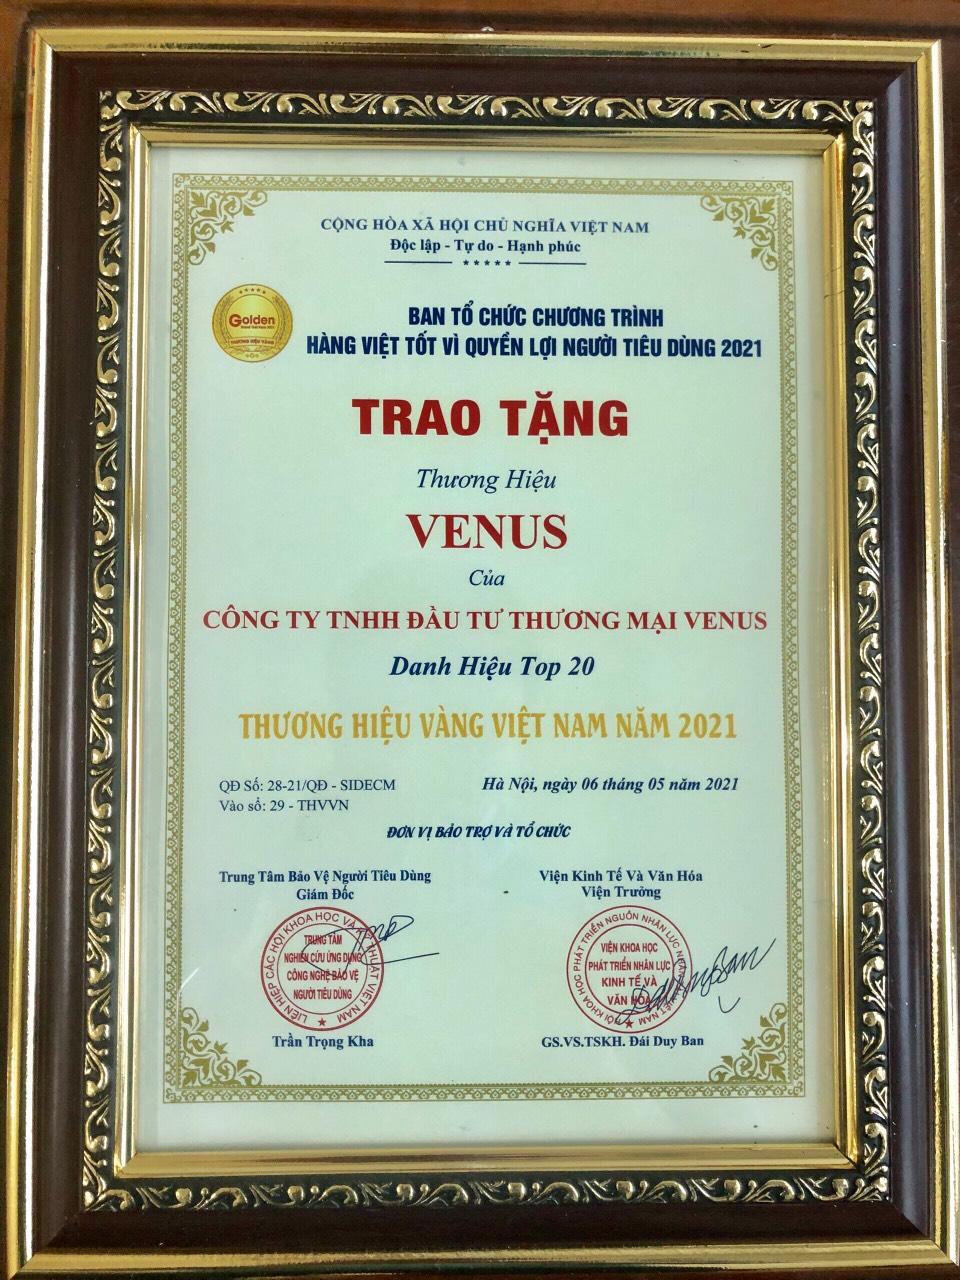 Venus vinh dự nhận giải thưởng Top 20 Thương hiệu Vàng Việt Nam năm 2021